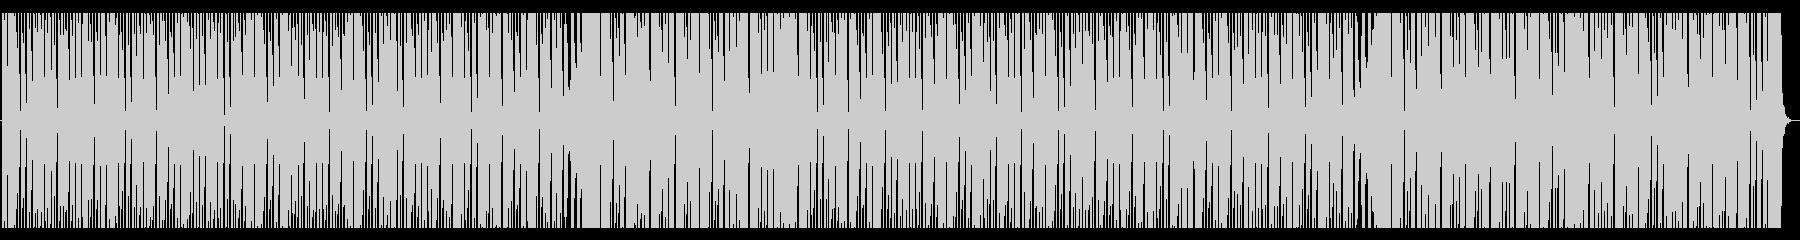 涼しげなディープハウス_No376の未再生の波形